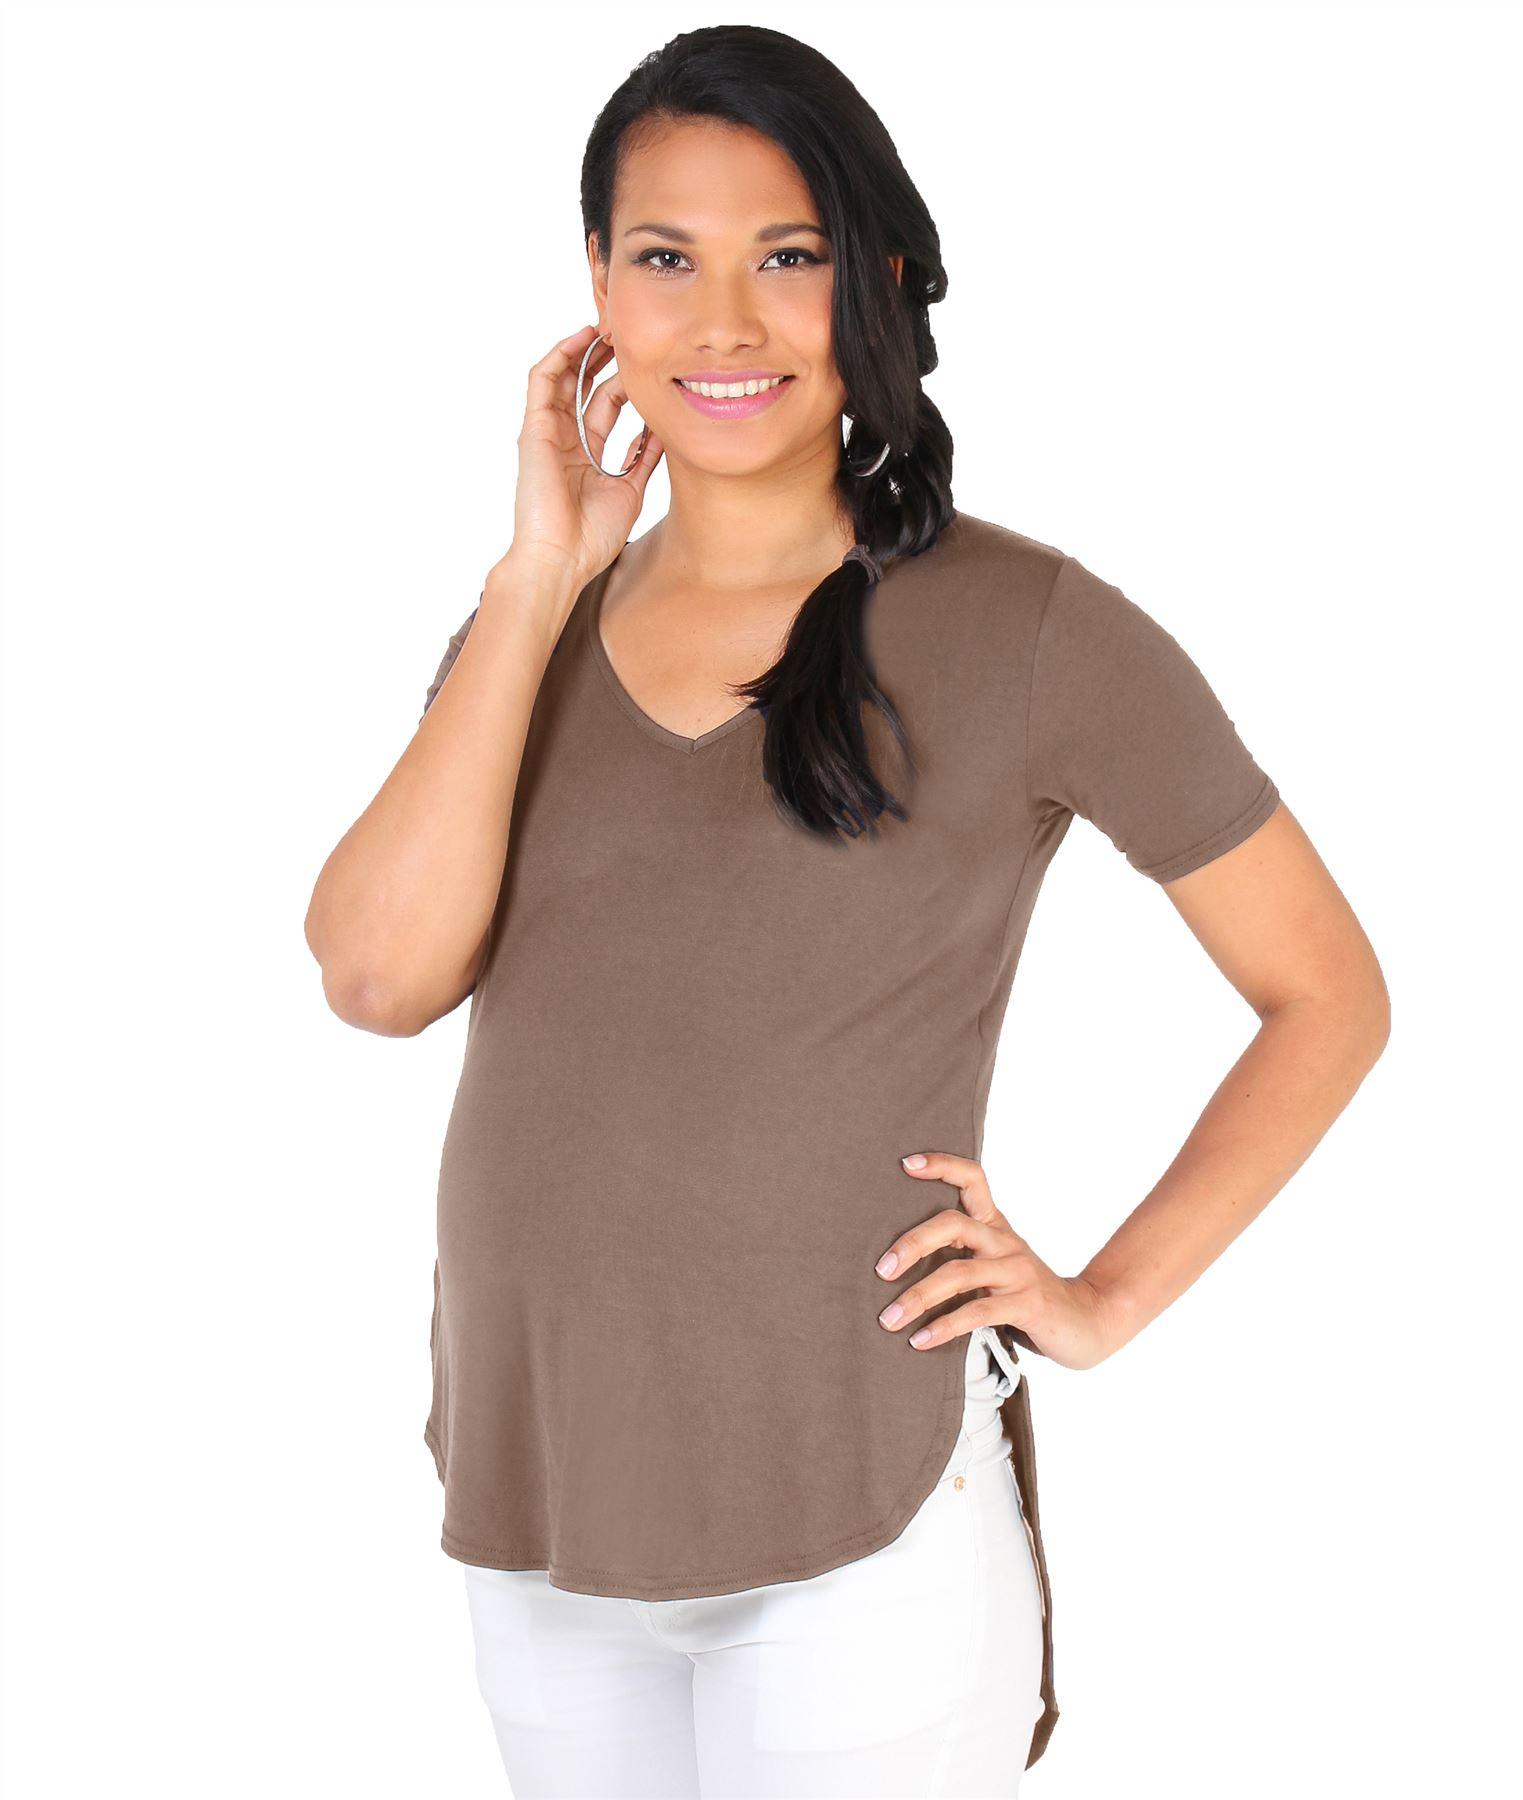 517755ff7d4 Camiseta Premamá Top Ancho Asimétrico Ropa Embarazada Moderna Oferta Barata  Moda